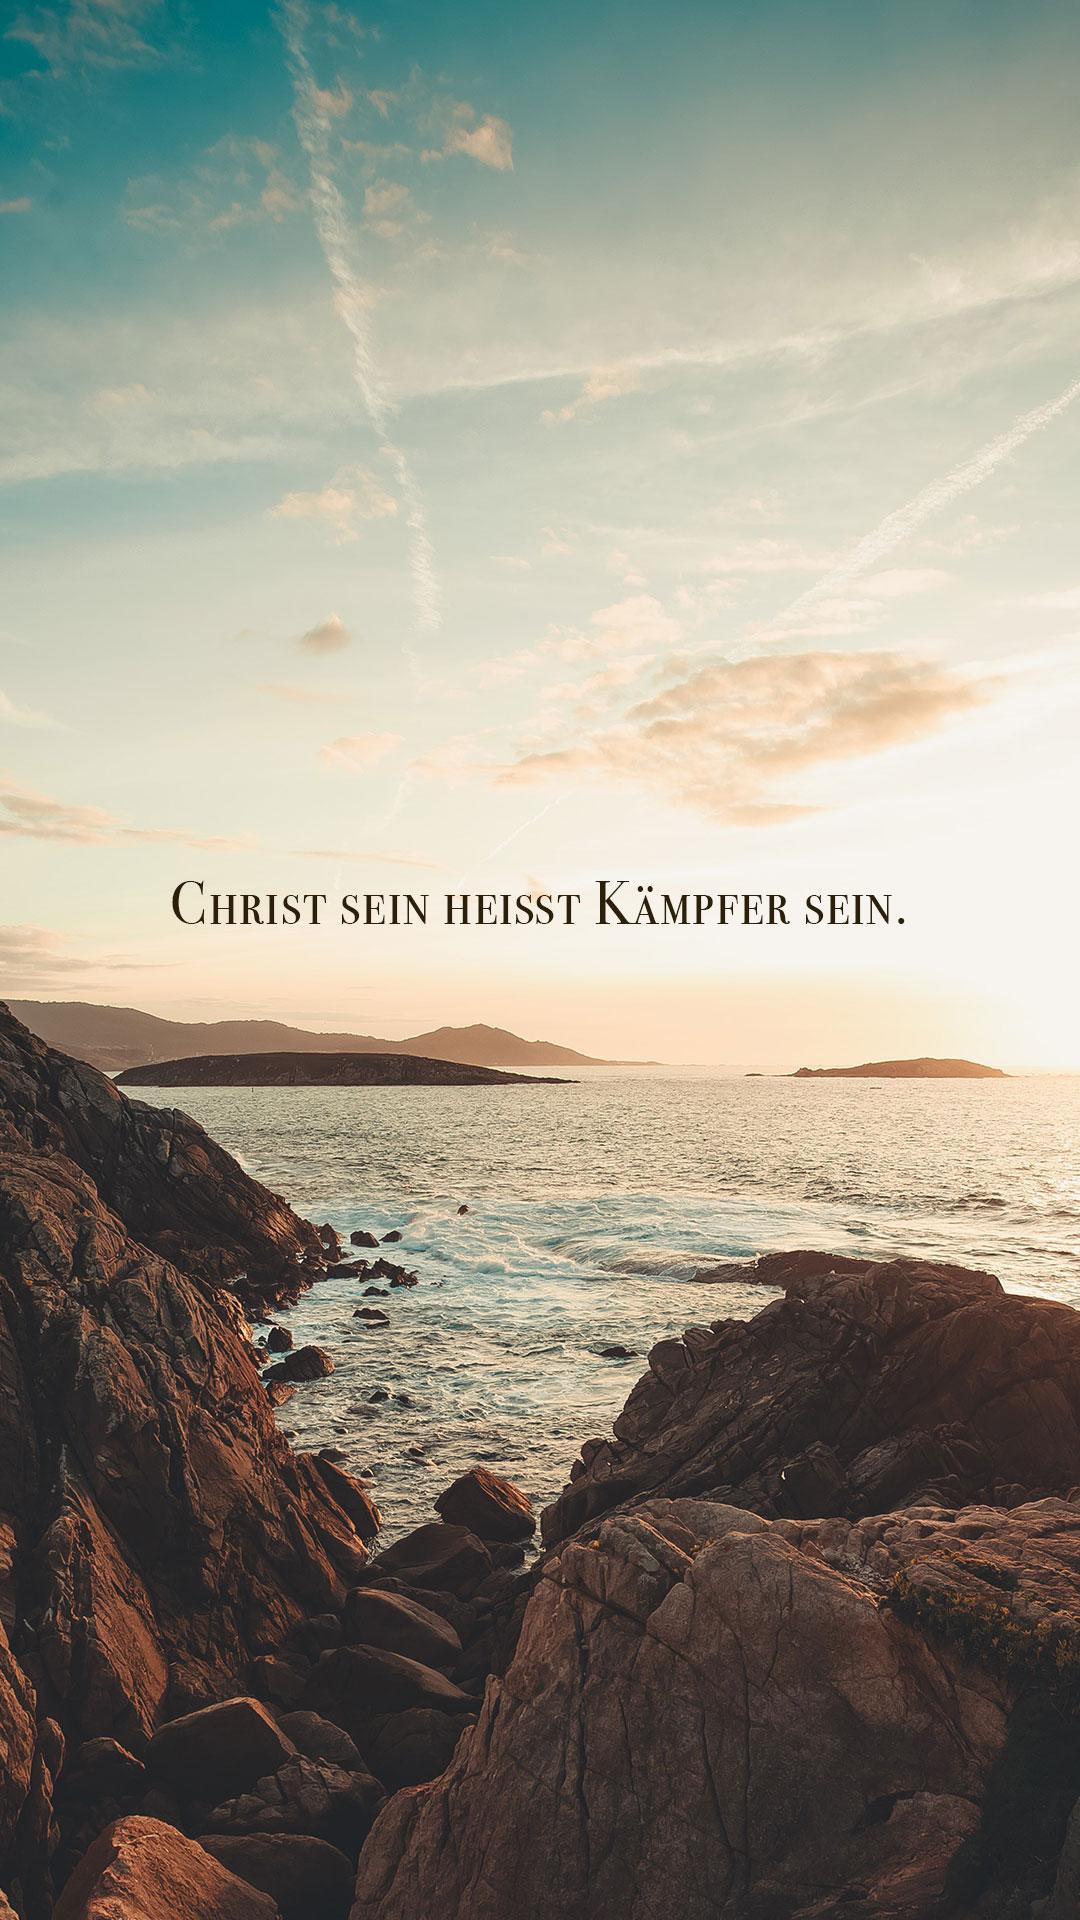 KJB Deutschland Medien: Christ sein heißt Kämpfer sein.